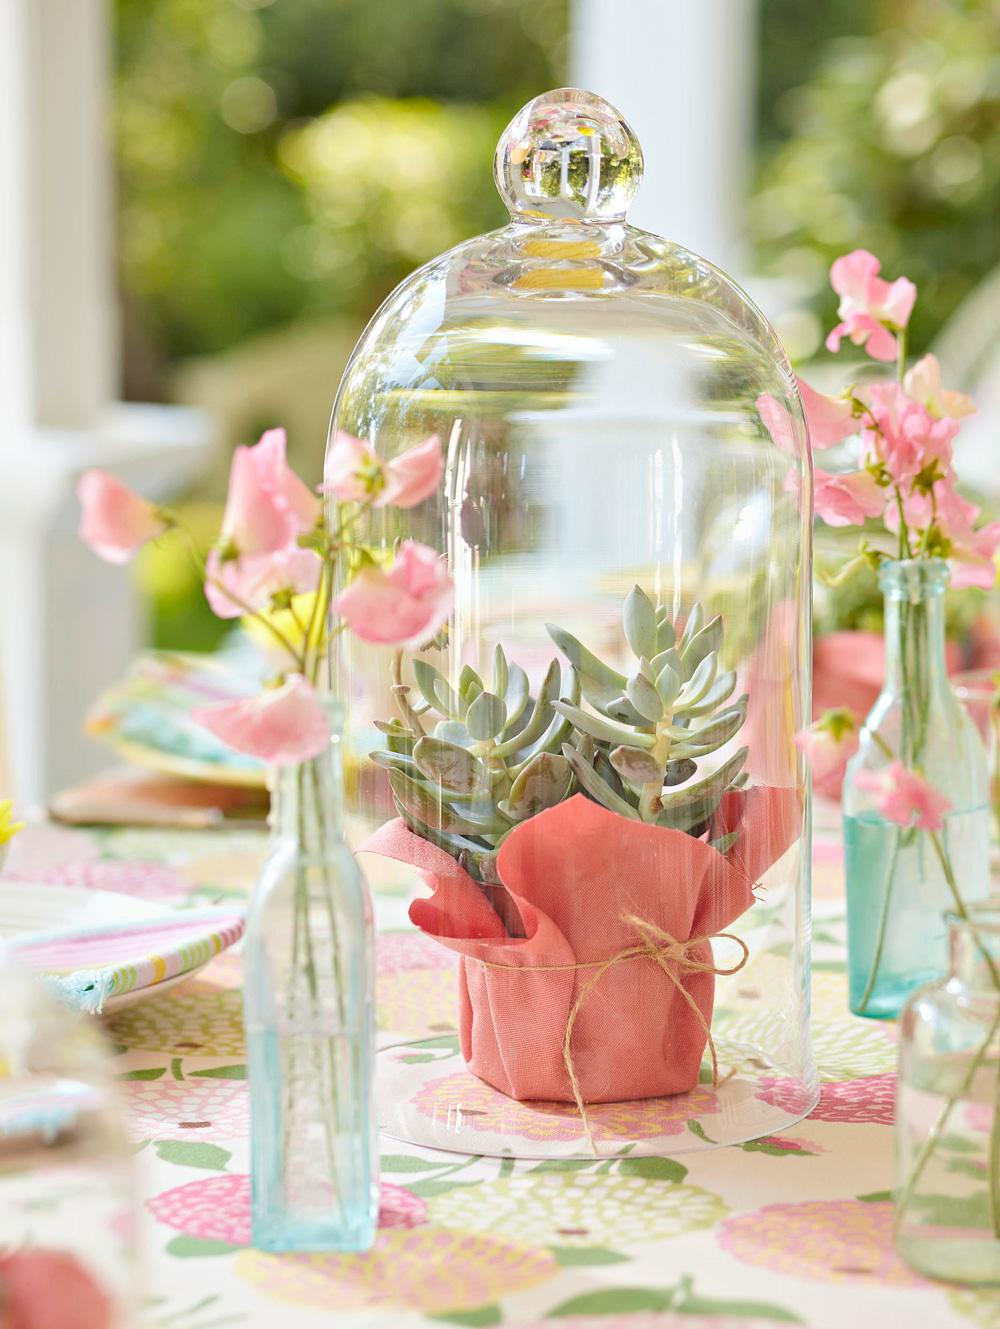 Make easy summer-inspired decor